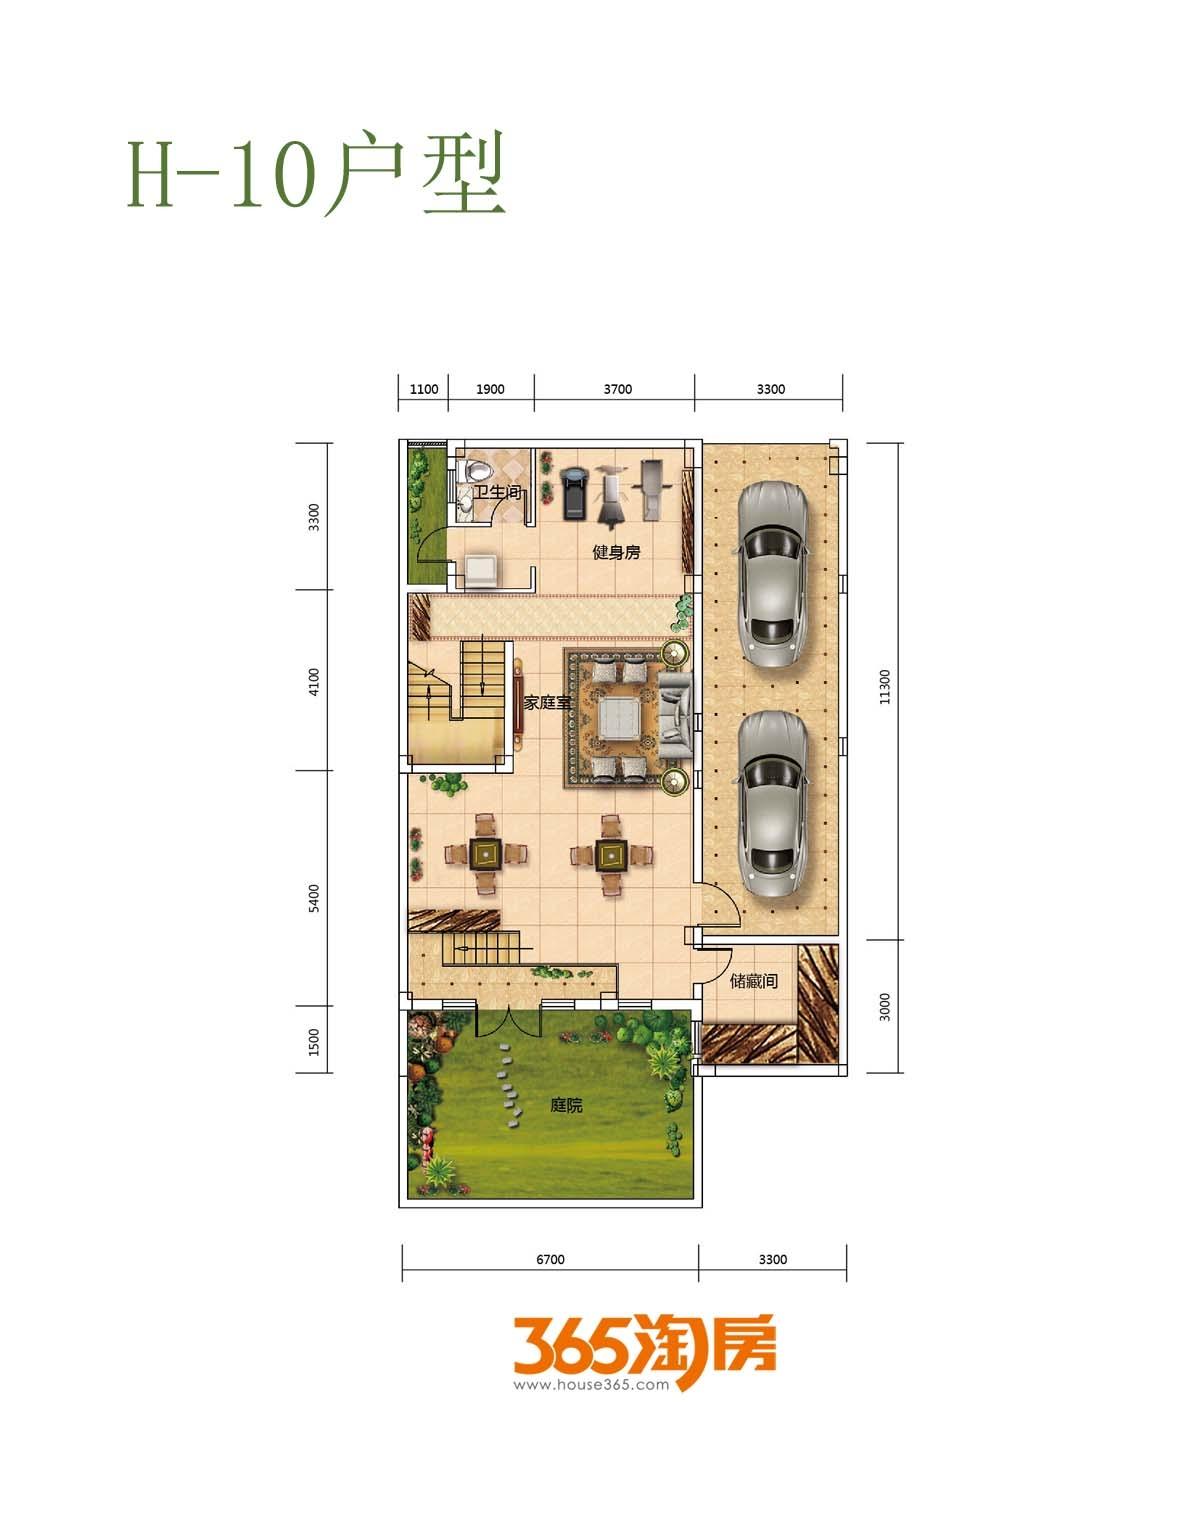 中国院子万振紫蓬湾H-10户型